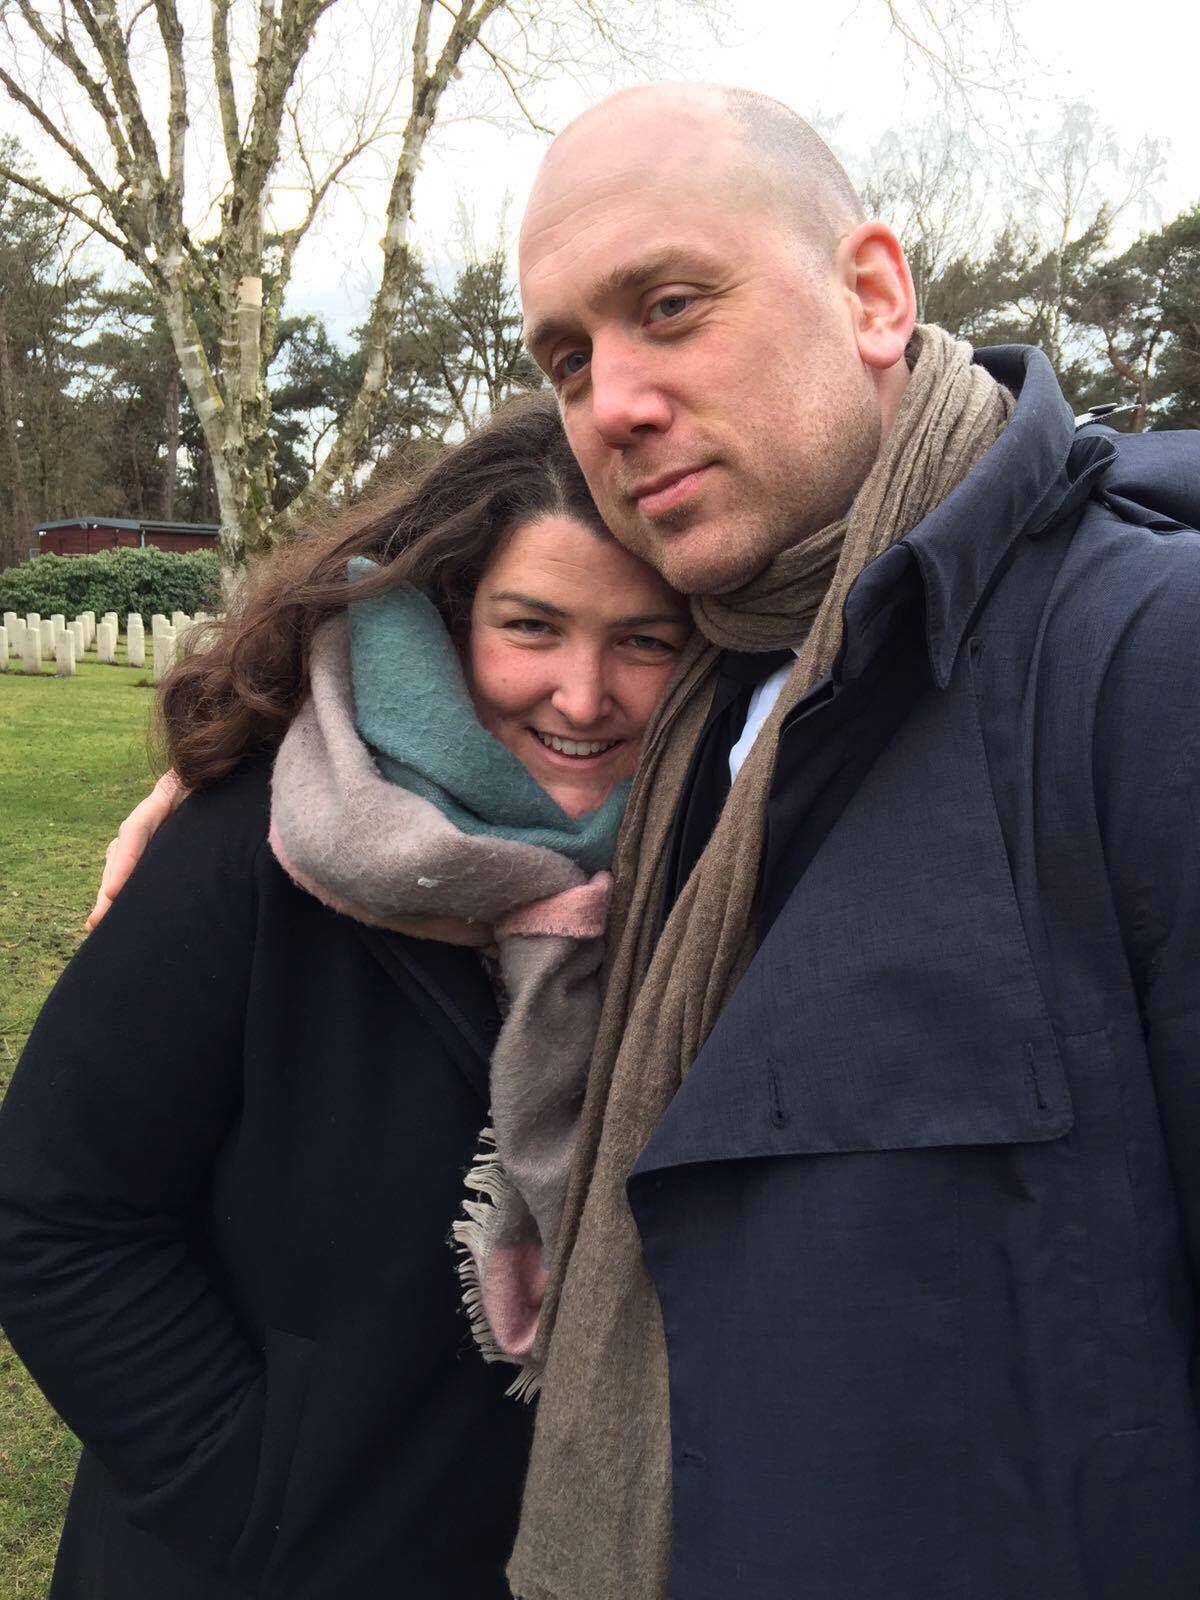 dating noen uten en far ta bilder for online dating